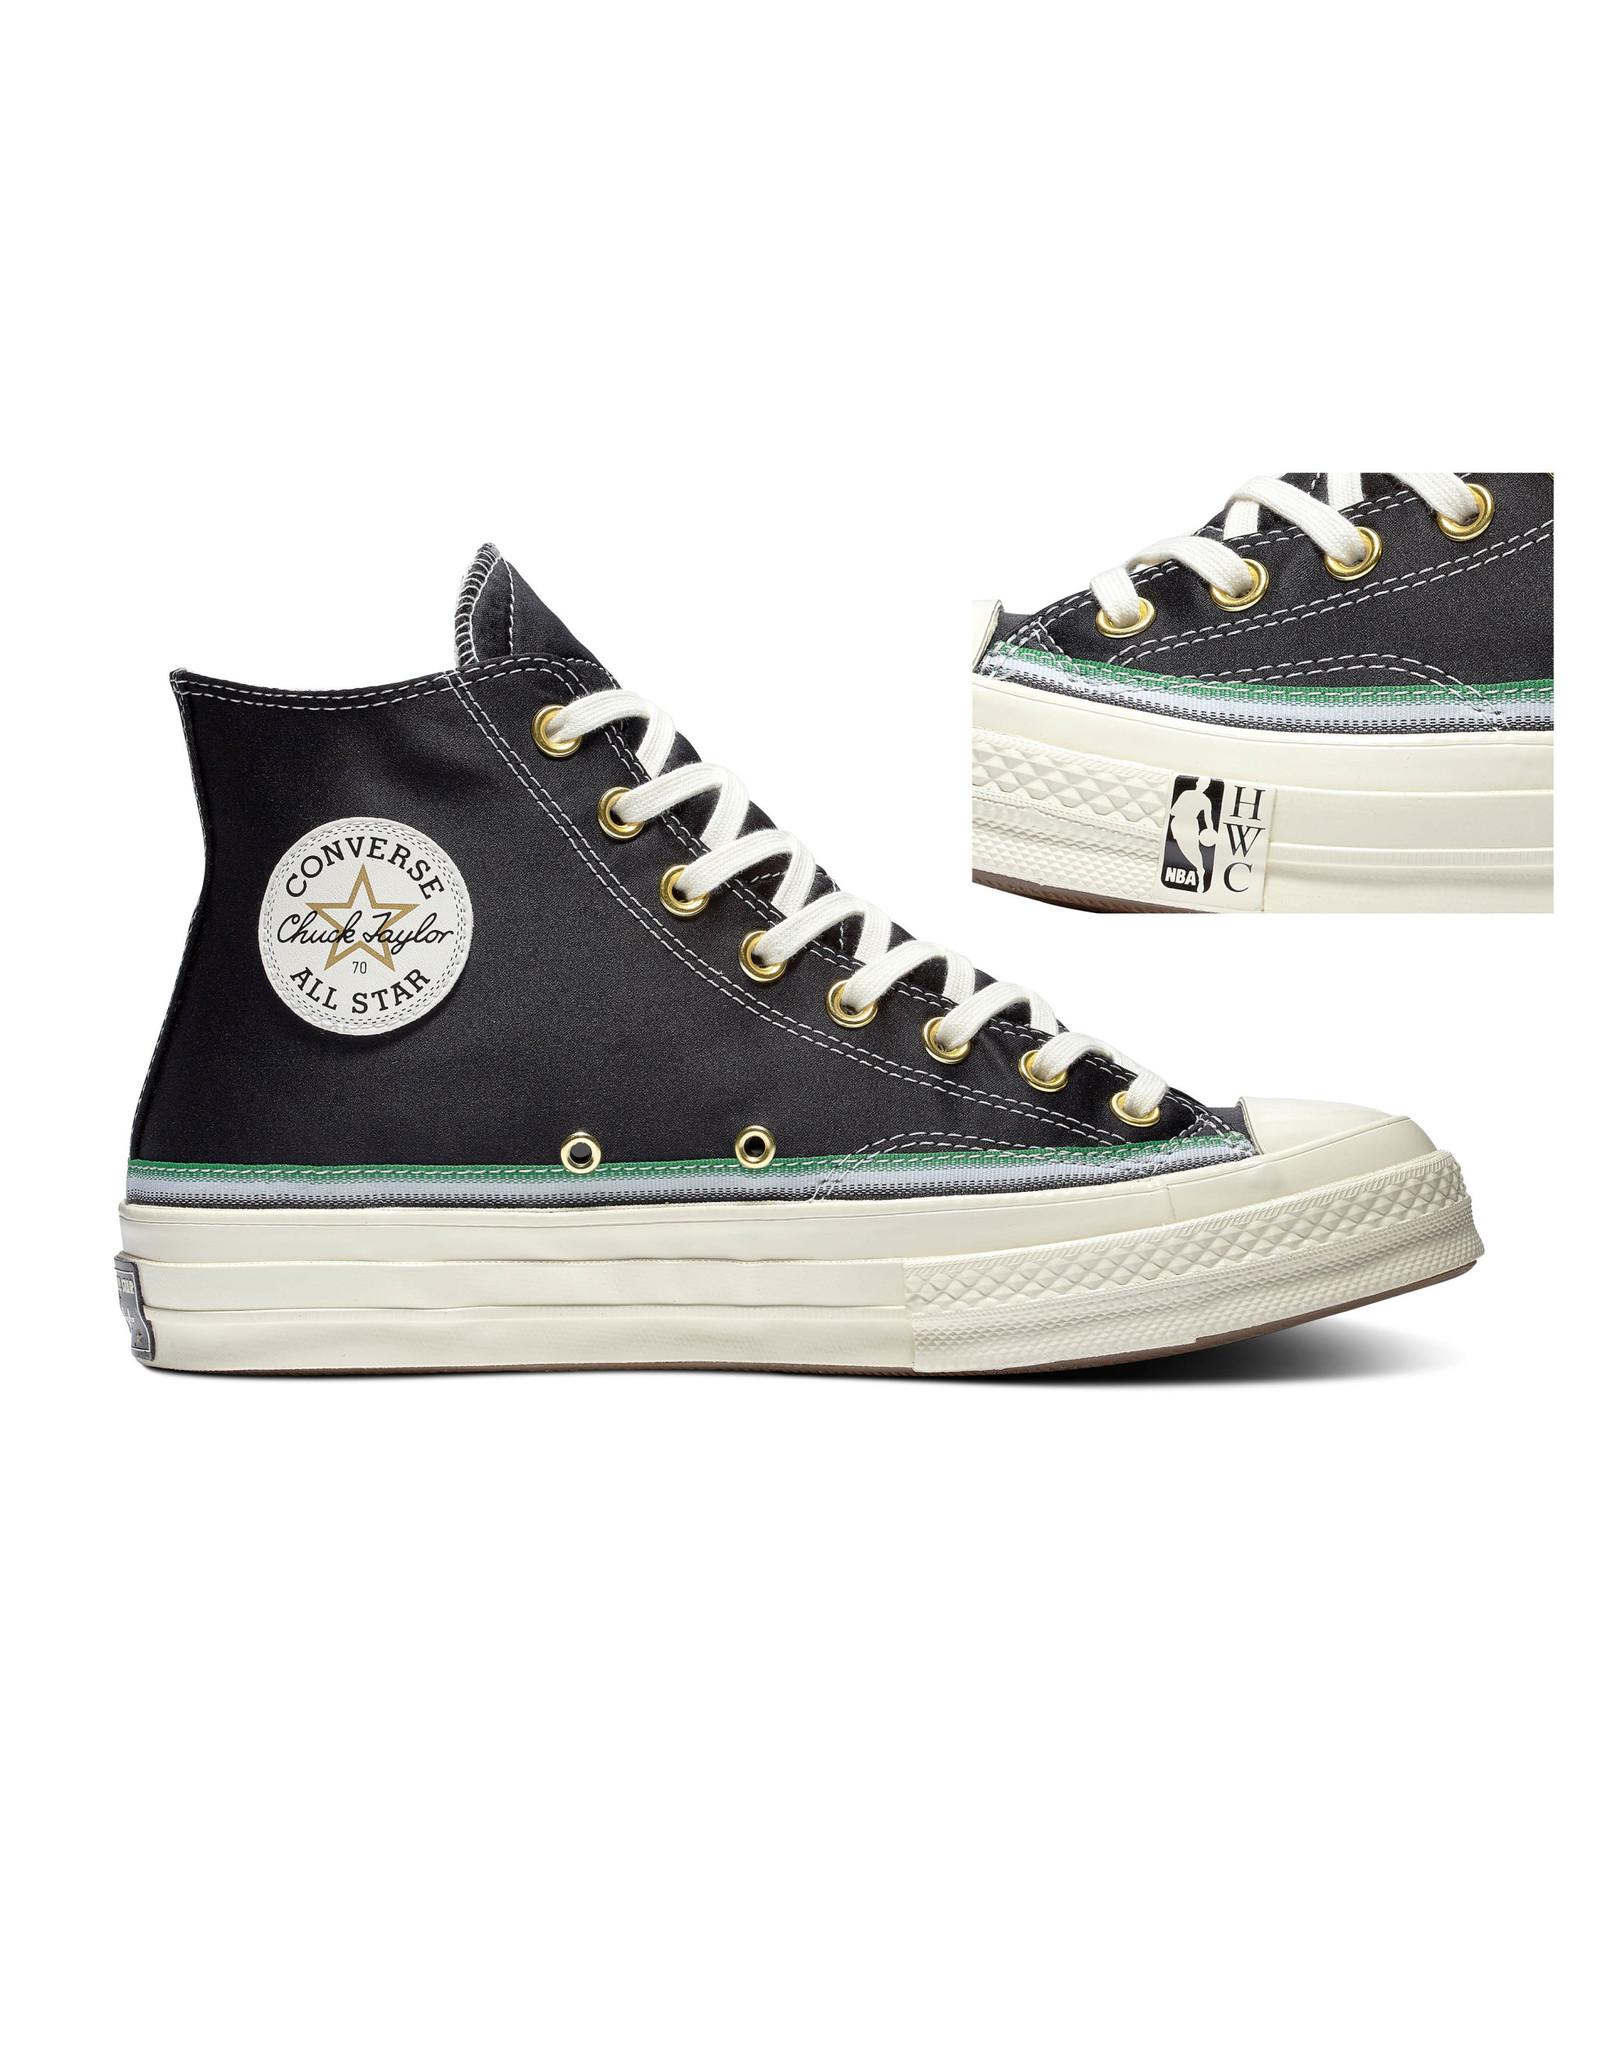 CONVERSE CHUCK 70 HI BLACK/GREEN/EGRET C070B-167057C